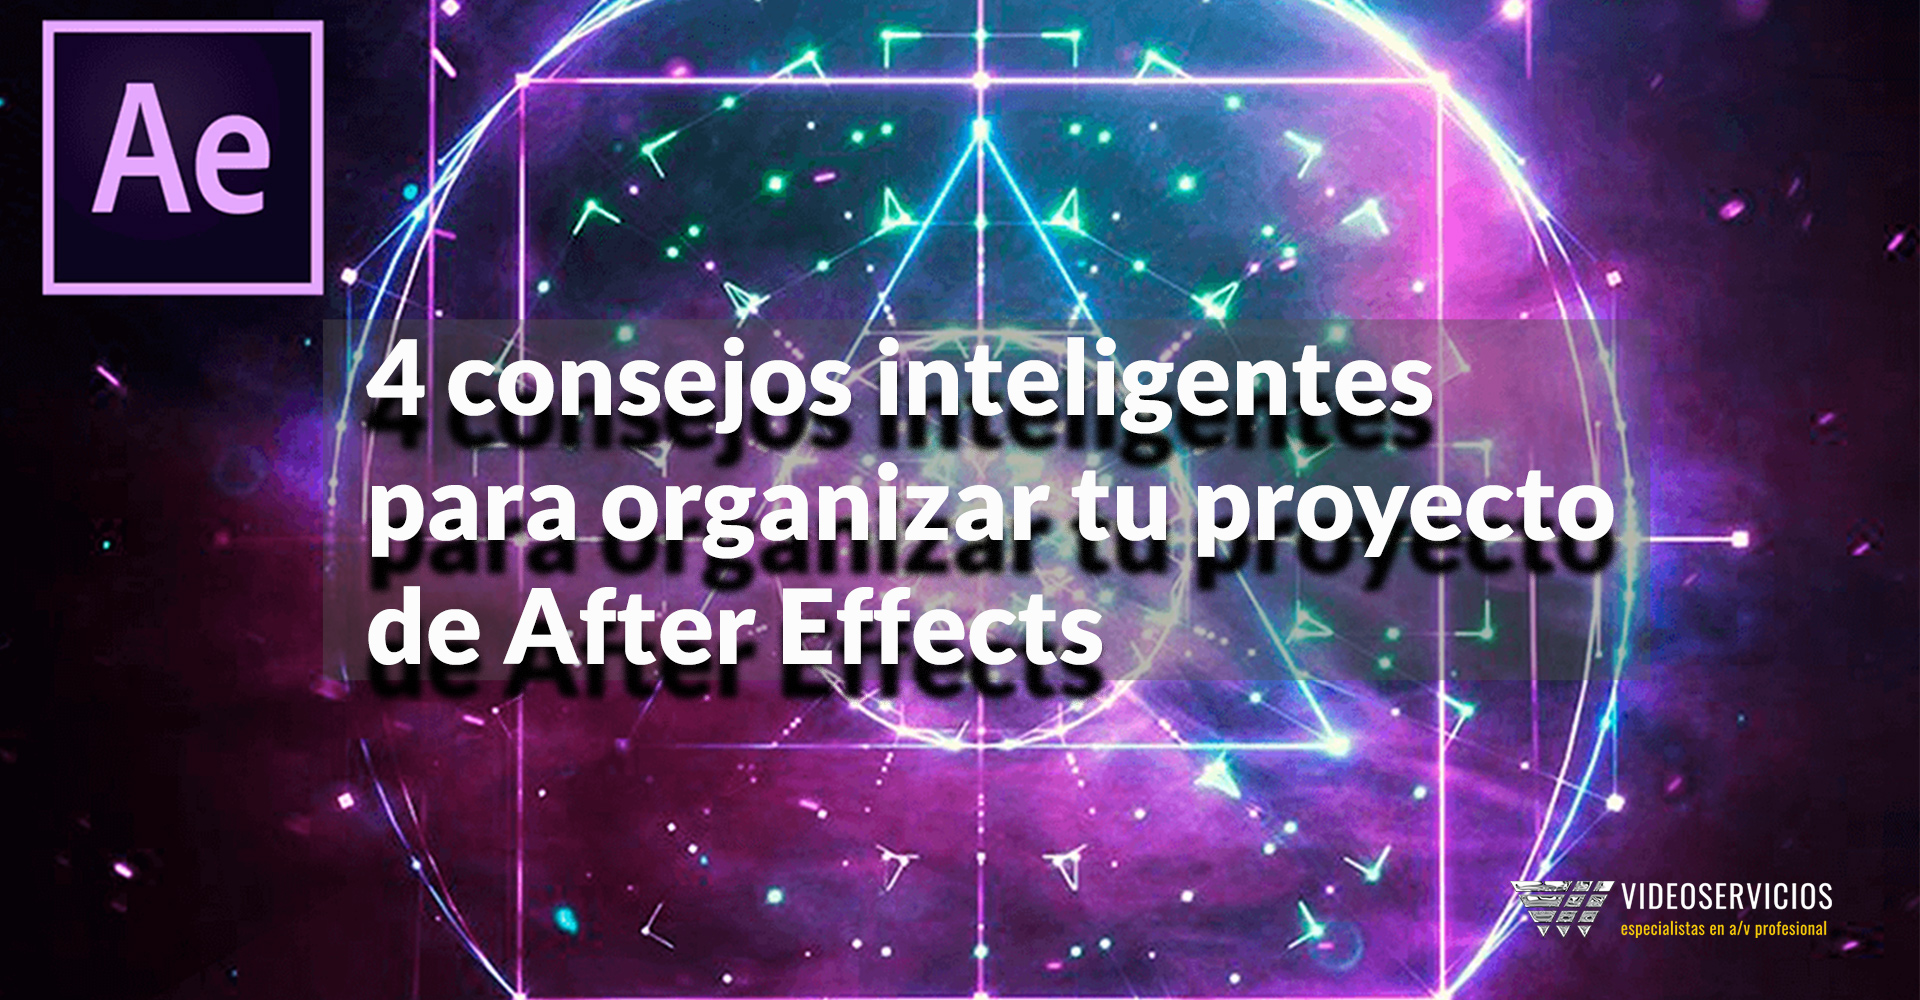 4 consejos inteligentes para organizar tu proyecto de After Effects